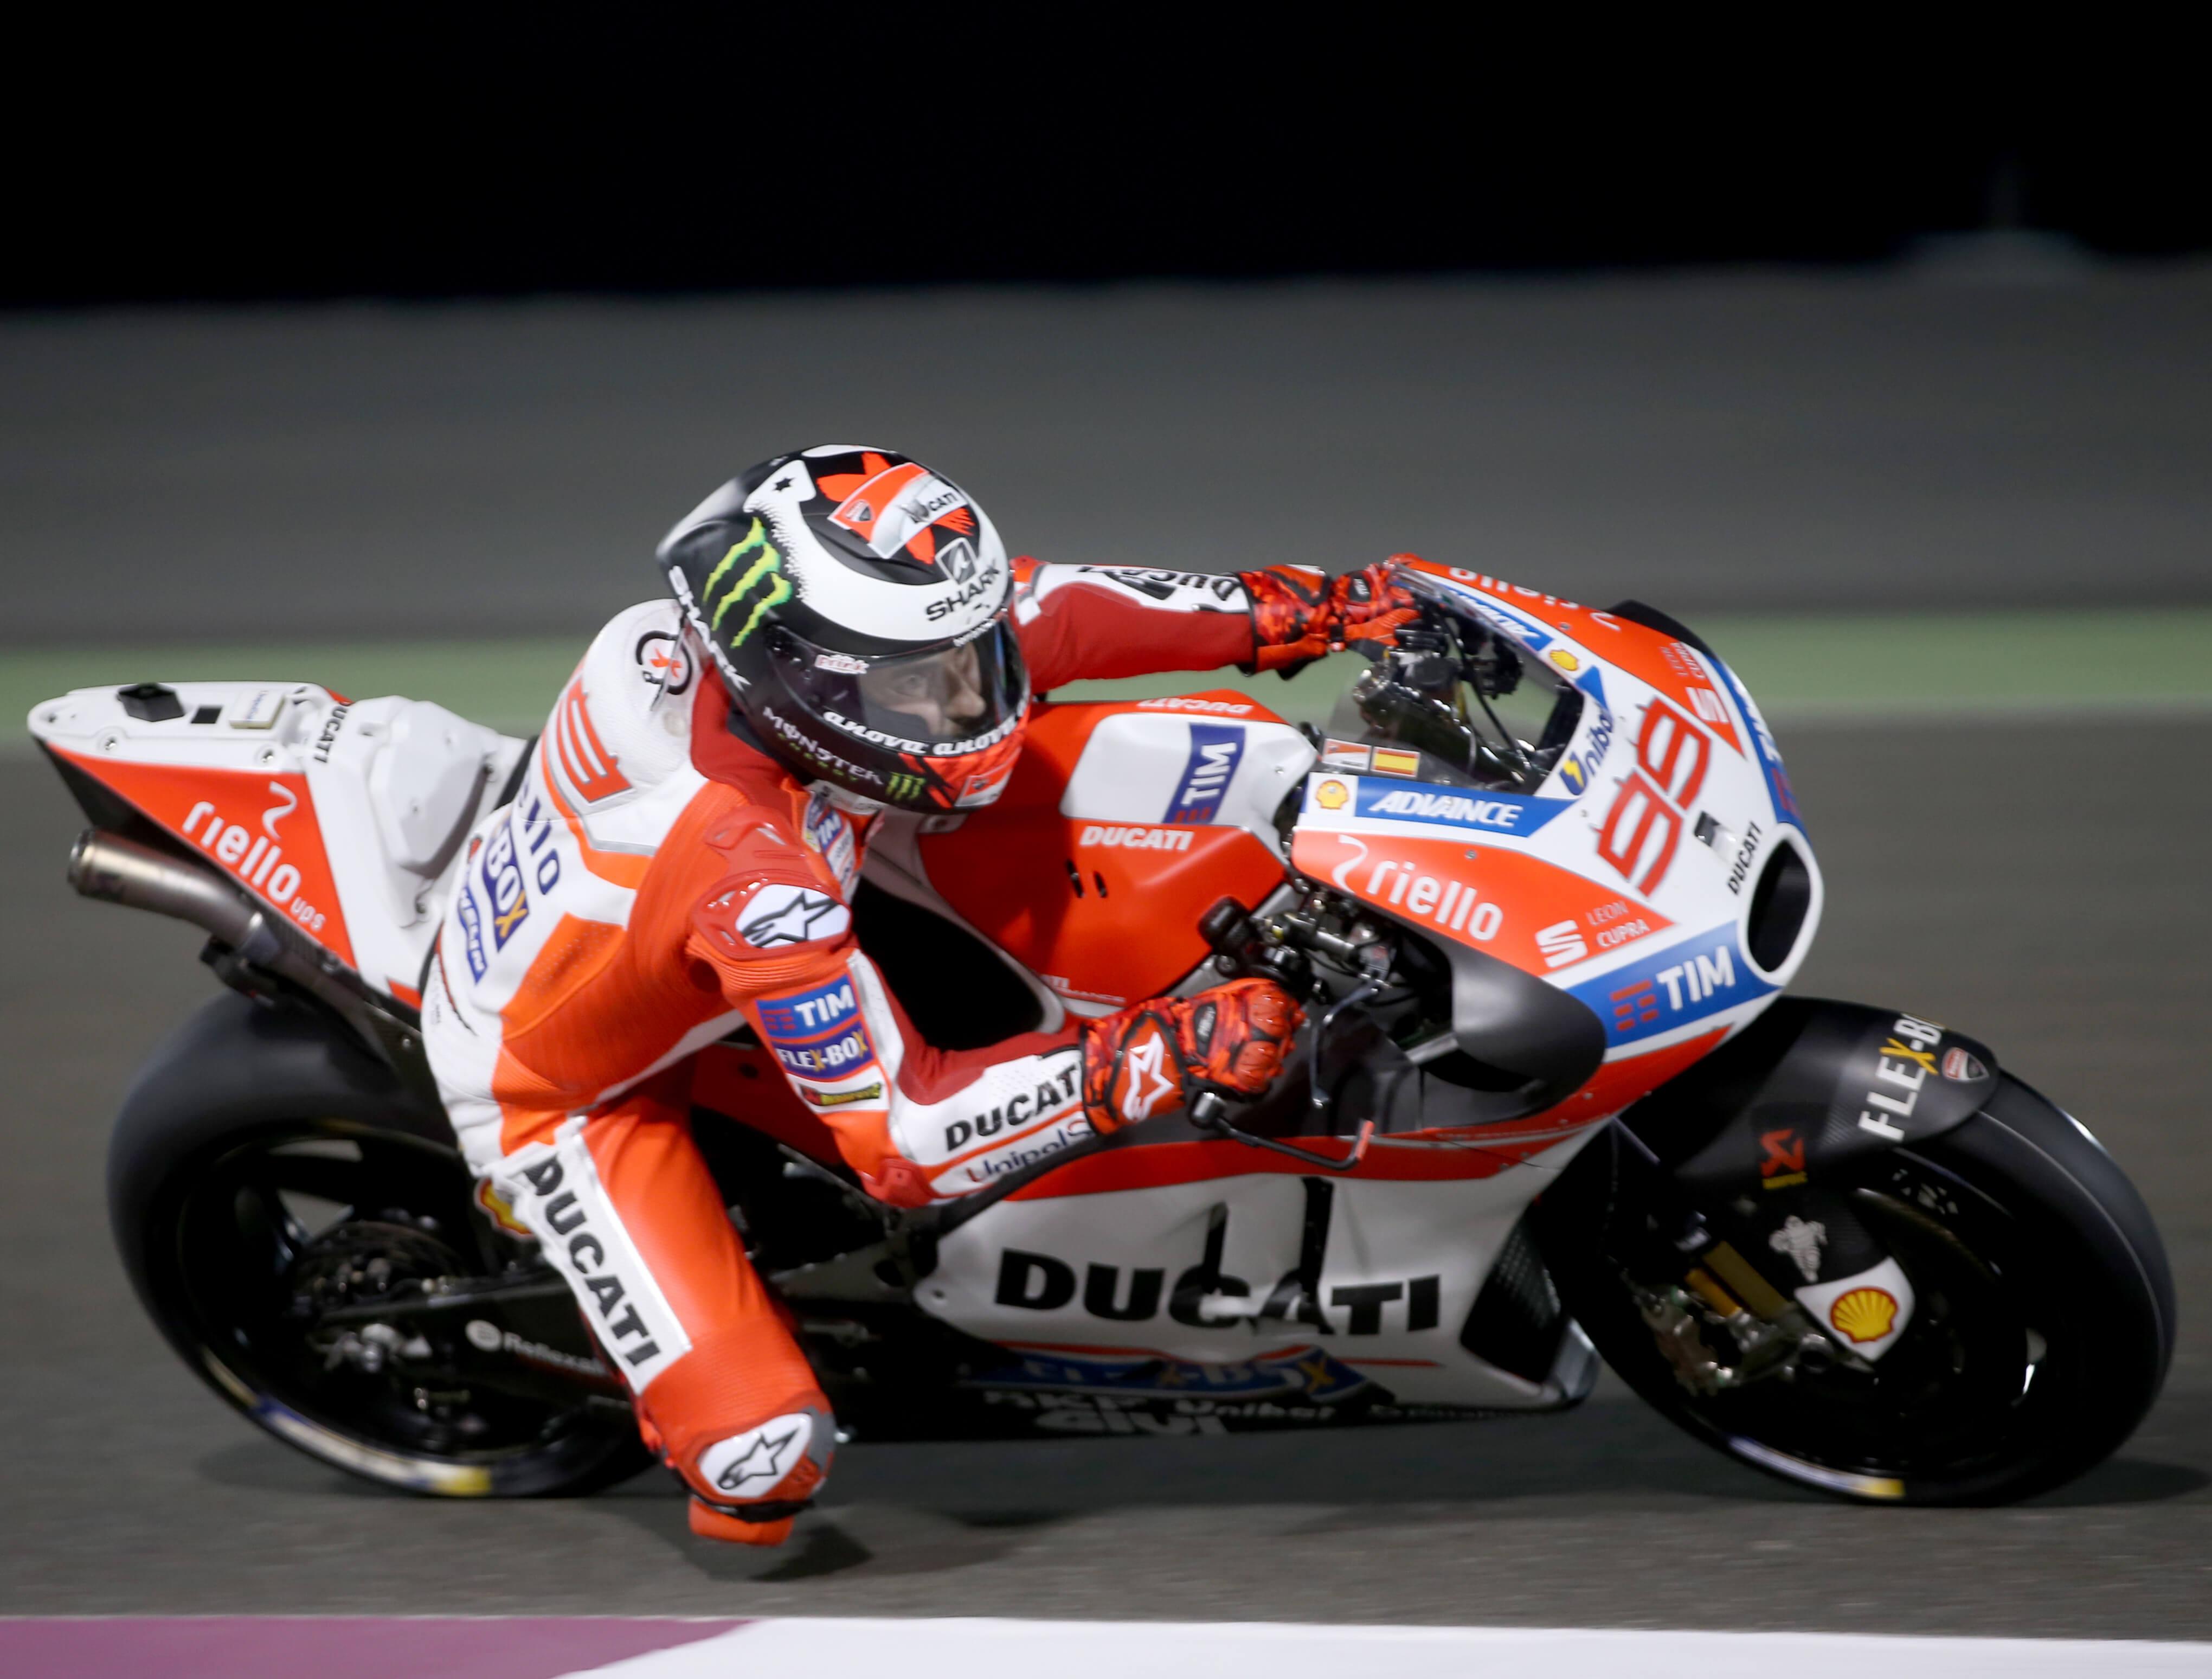 Ducati's Jorge Lorenzo